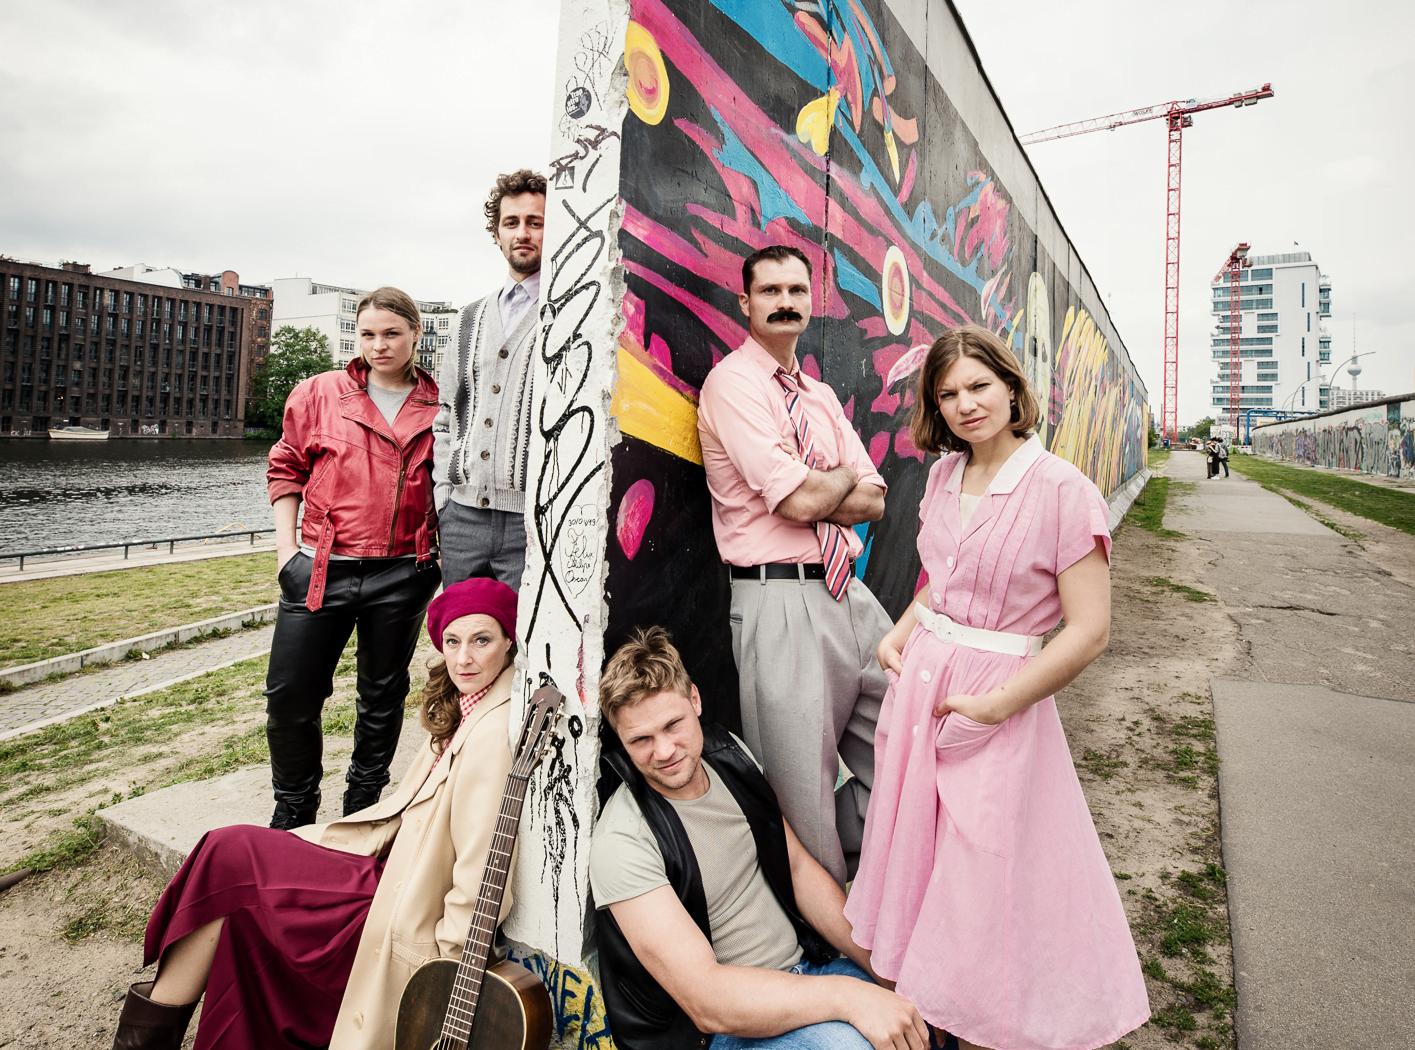 #BerlinBerlin - von Mauern und Menschen